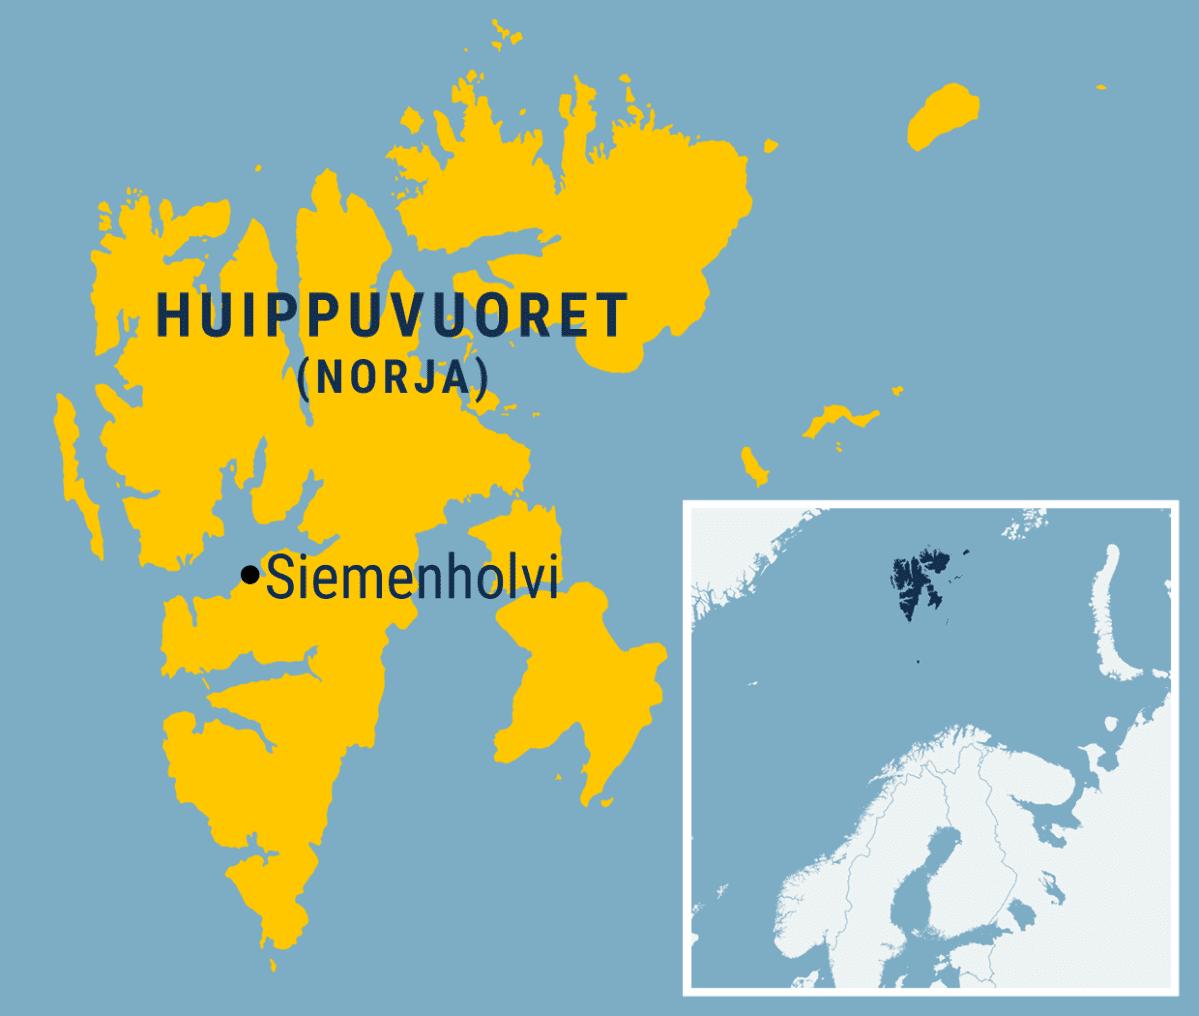 Kartta Siemenholvin sijainnista Huippuvuorilla.